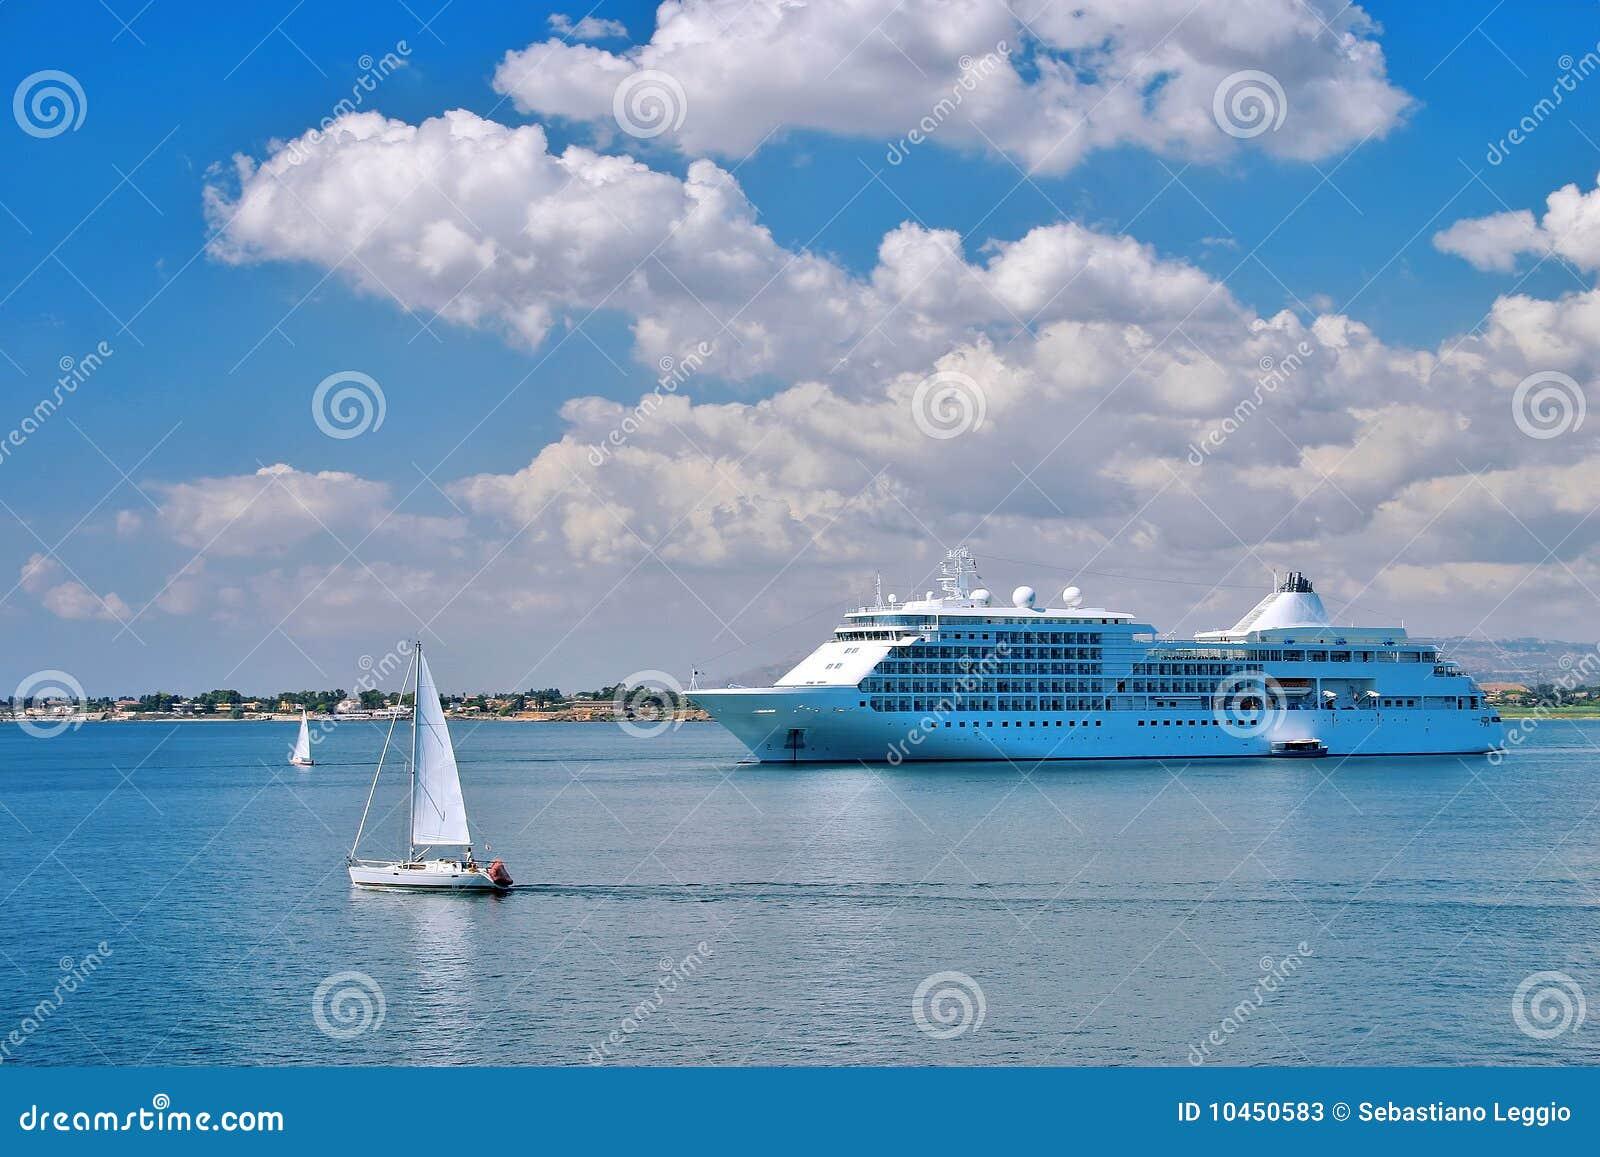 Cruise ship in a bay